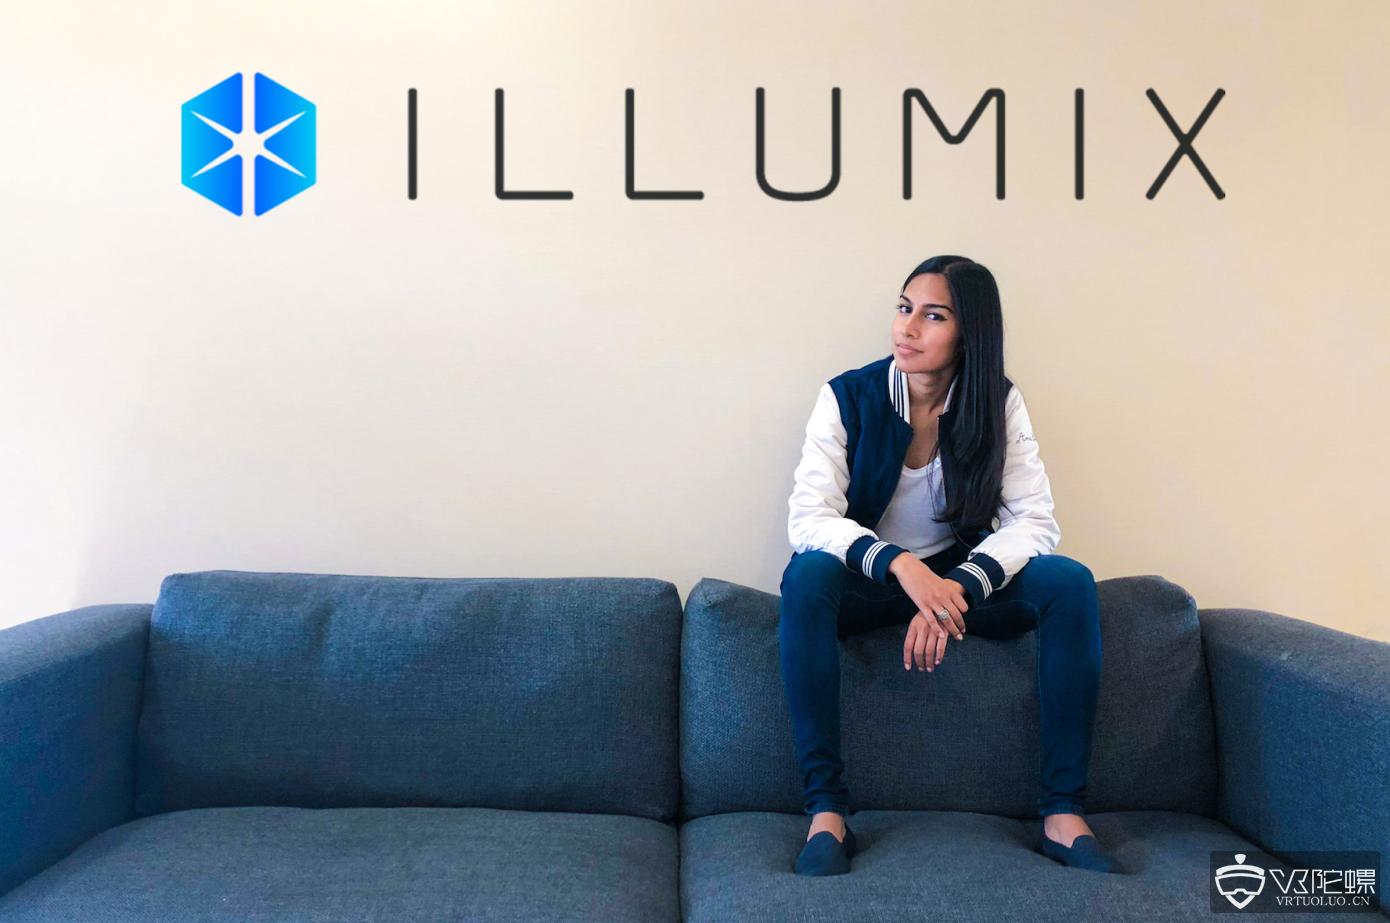 AR游戏创作平台Illumix宣布完成860万美元的种子轮融资